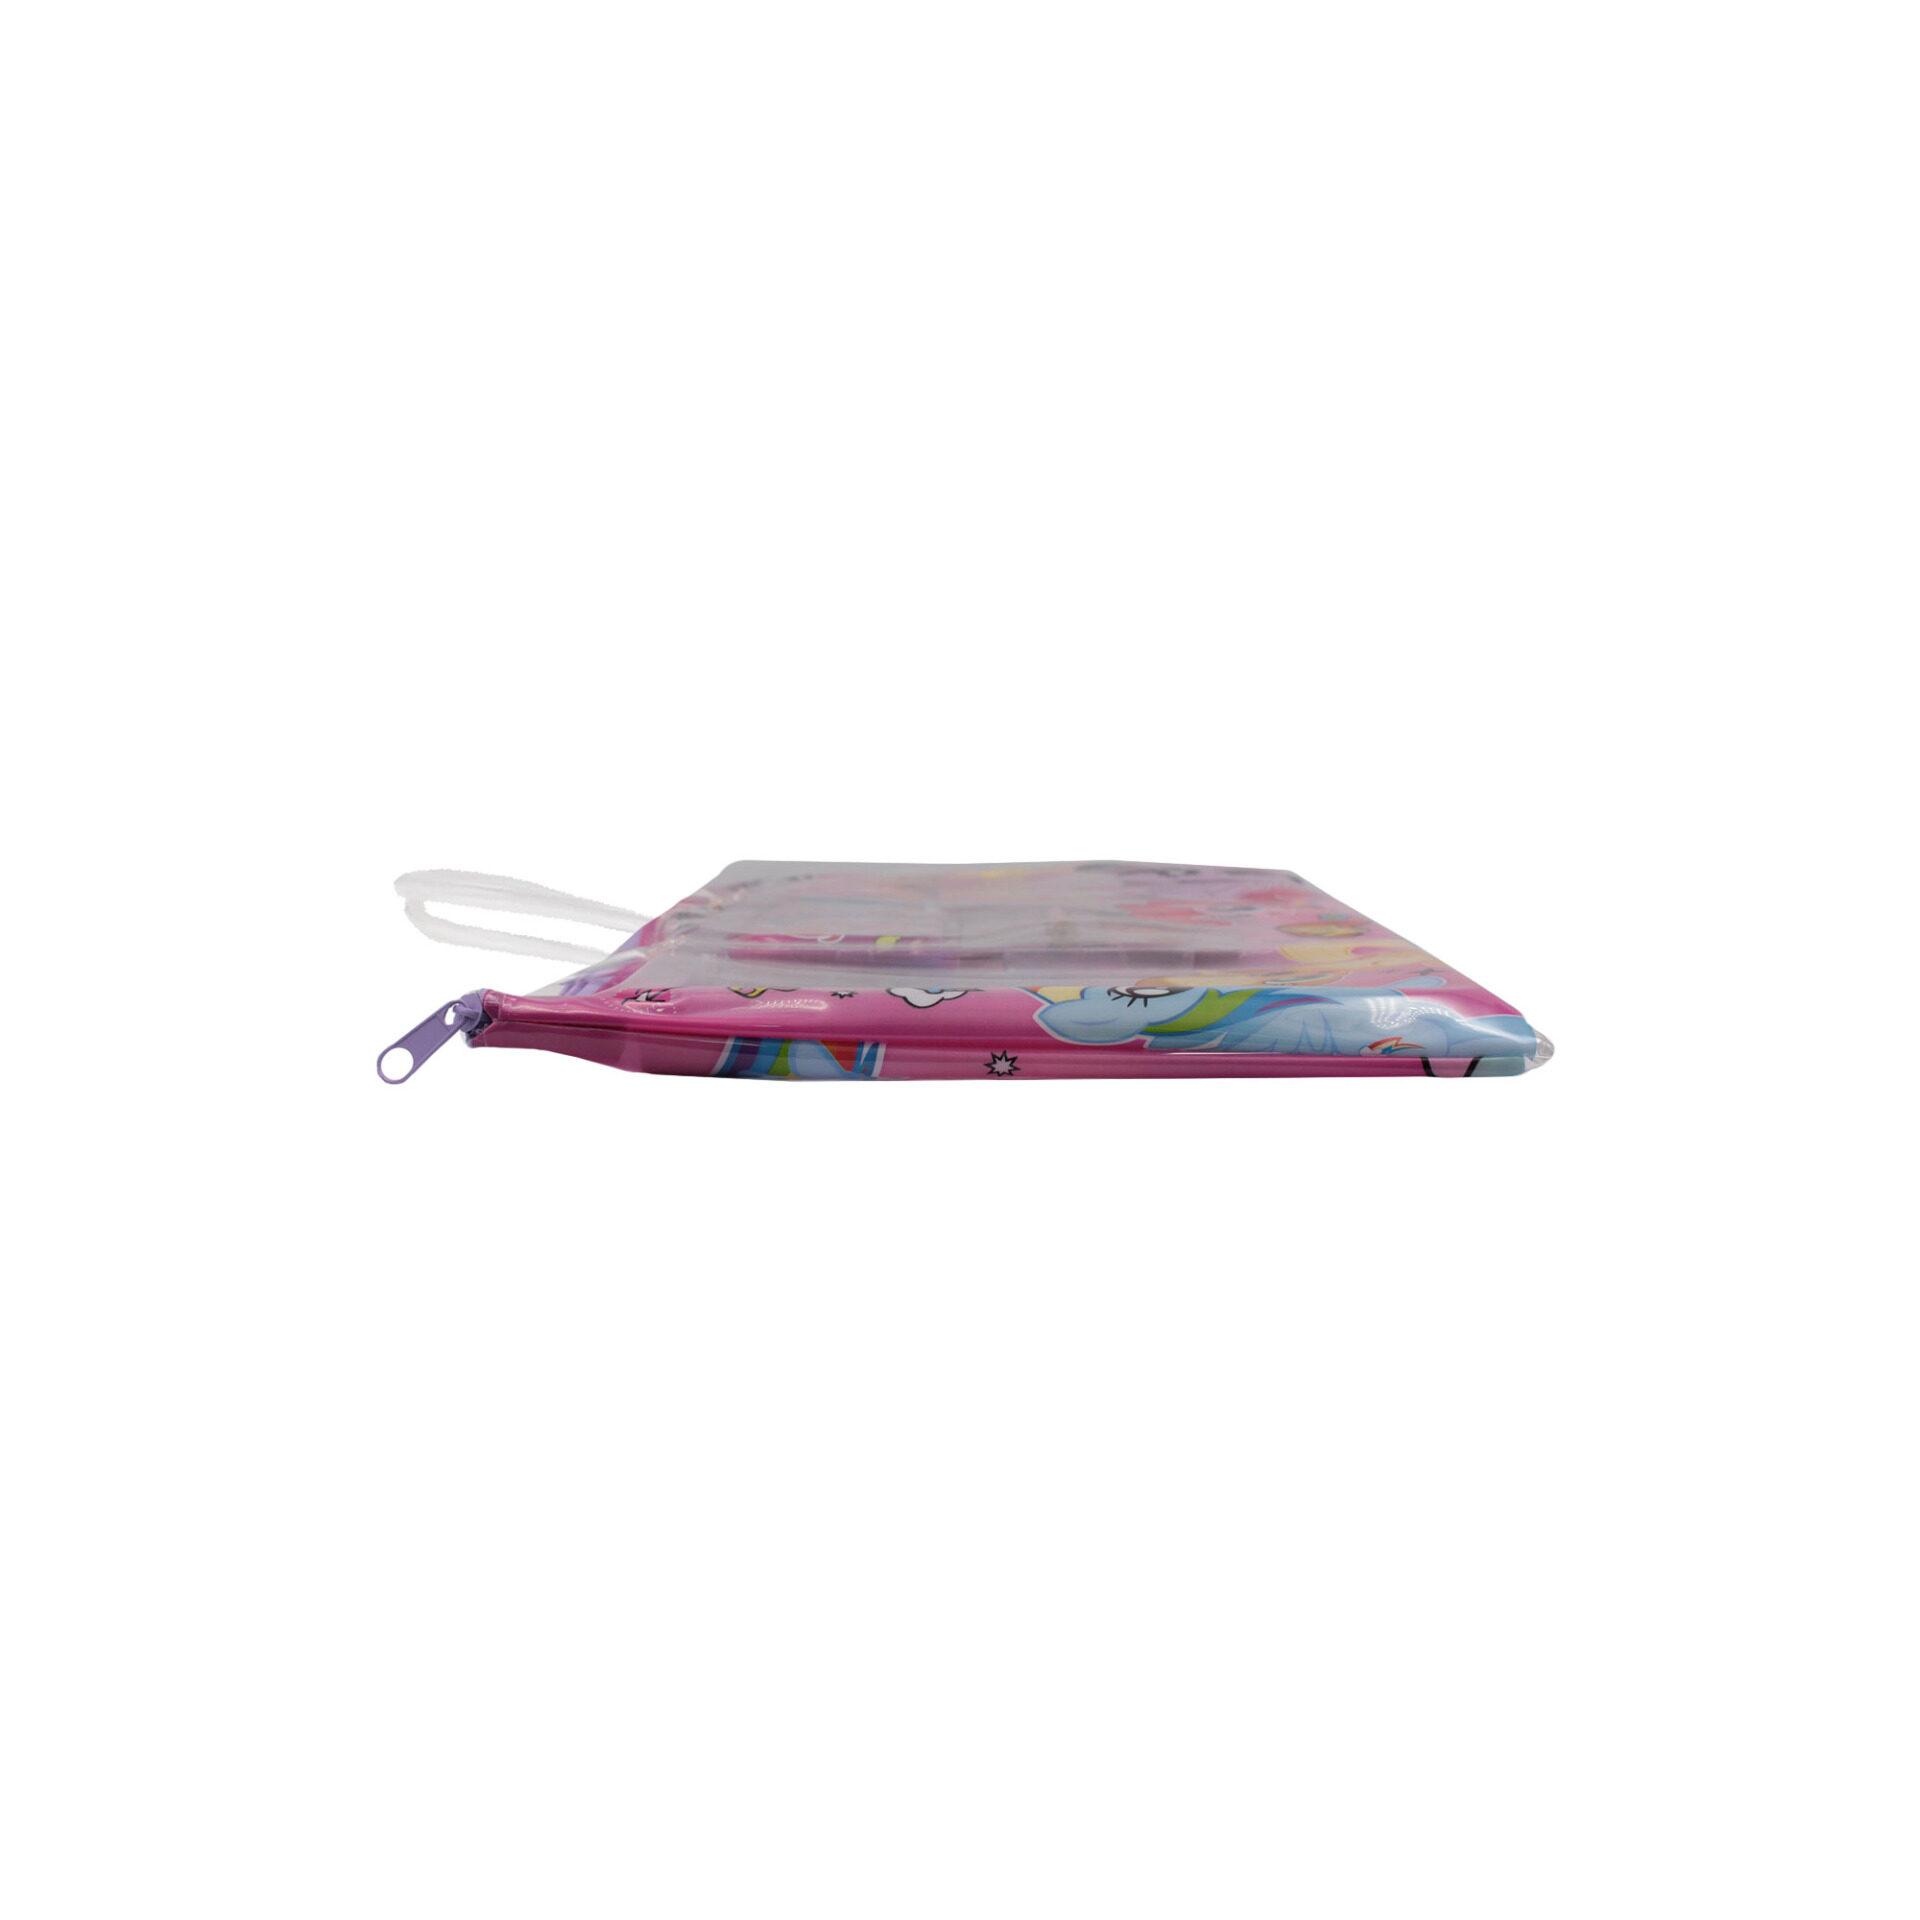 My Little Pony Ville 6 in 1 Stationery Set With Pencil Case Pencil Eraser Ruler Sharperner Notepad (Girls)